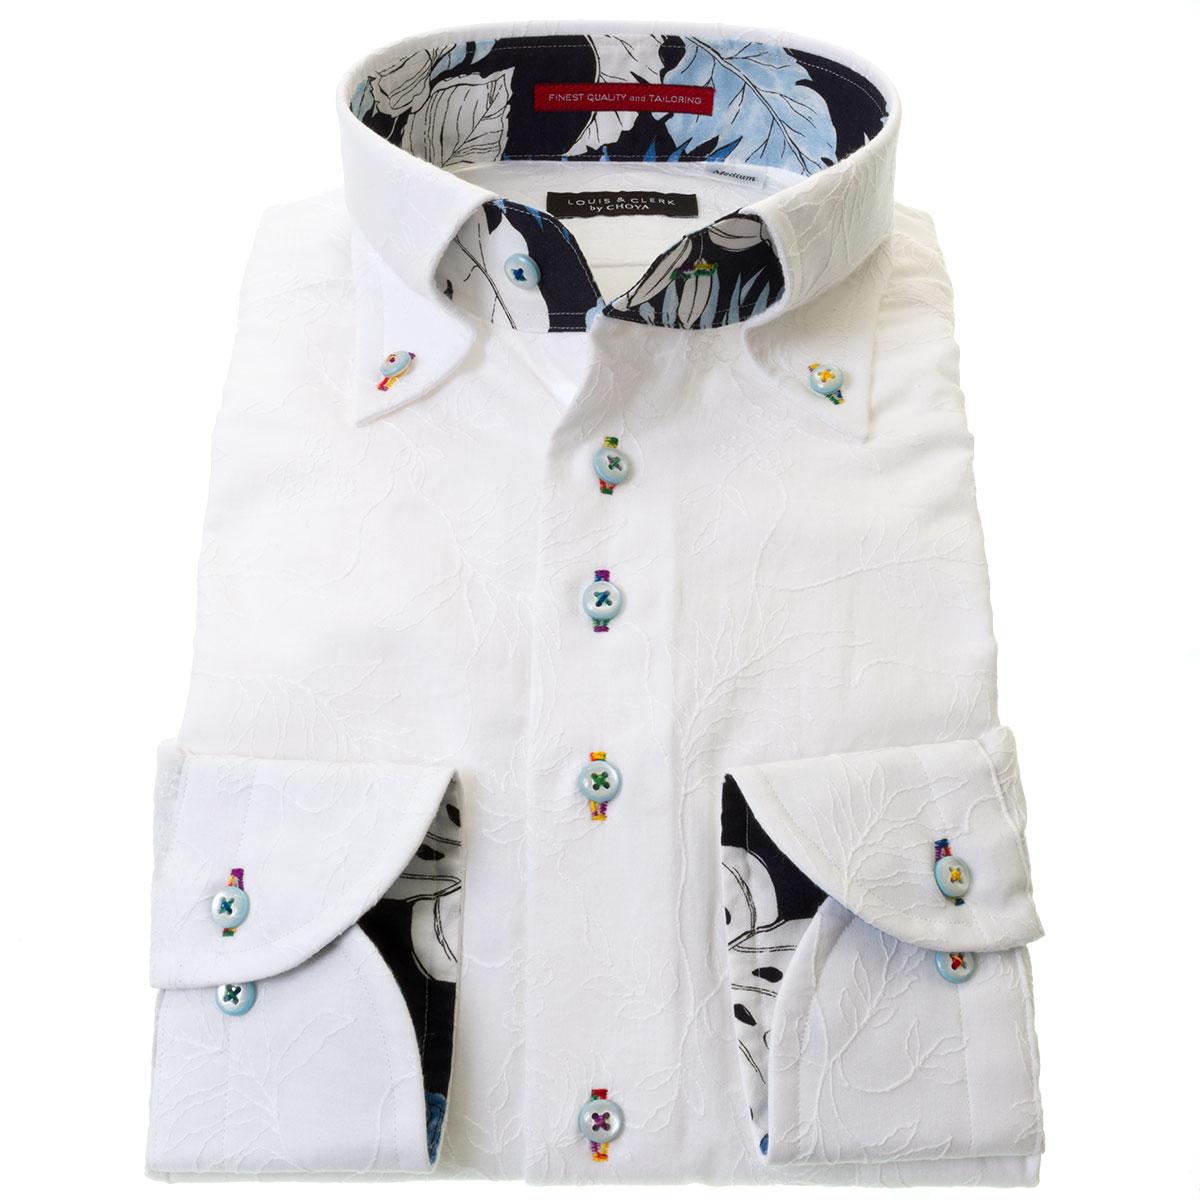 国産長袖ドレスシャツ ボタンダウン コンフォート 着丈短め 白 ホワイト 刺し子 総花柄 メンズ